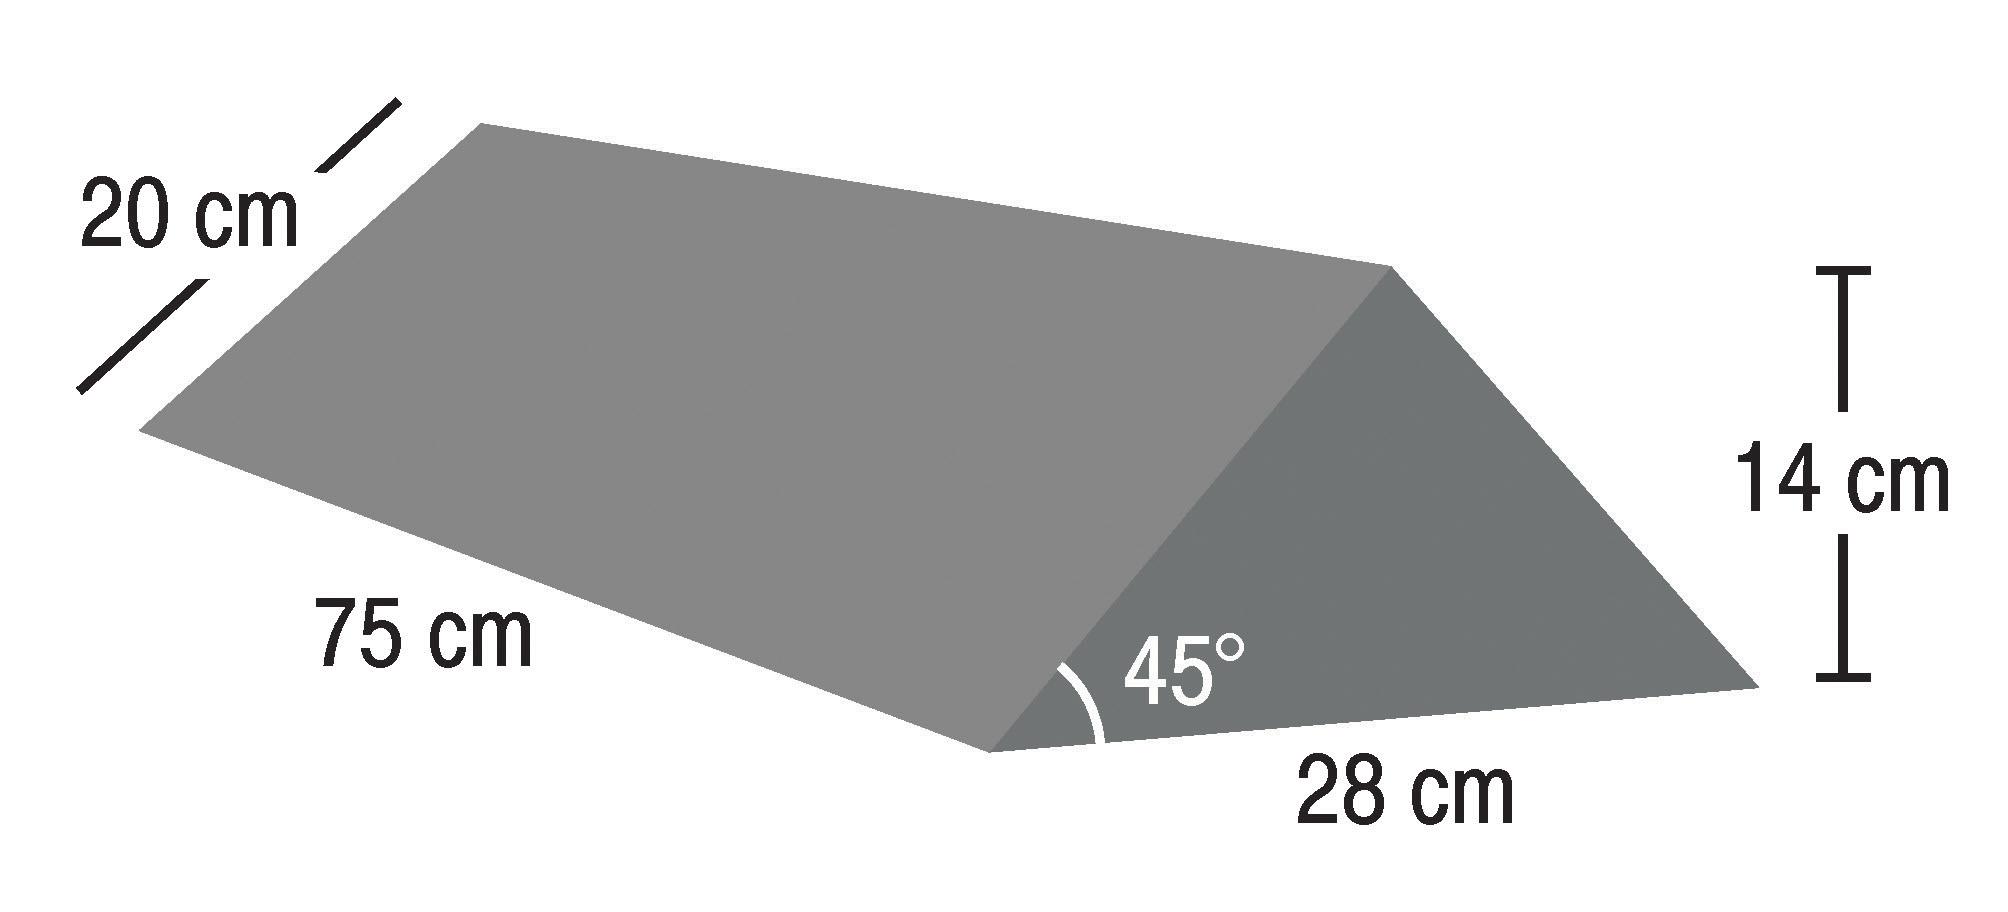 IS-FM-SRN-W45-287520  45° Wedge Extra Long  Raw